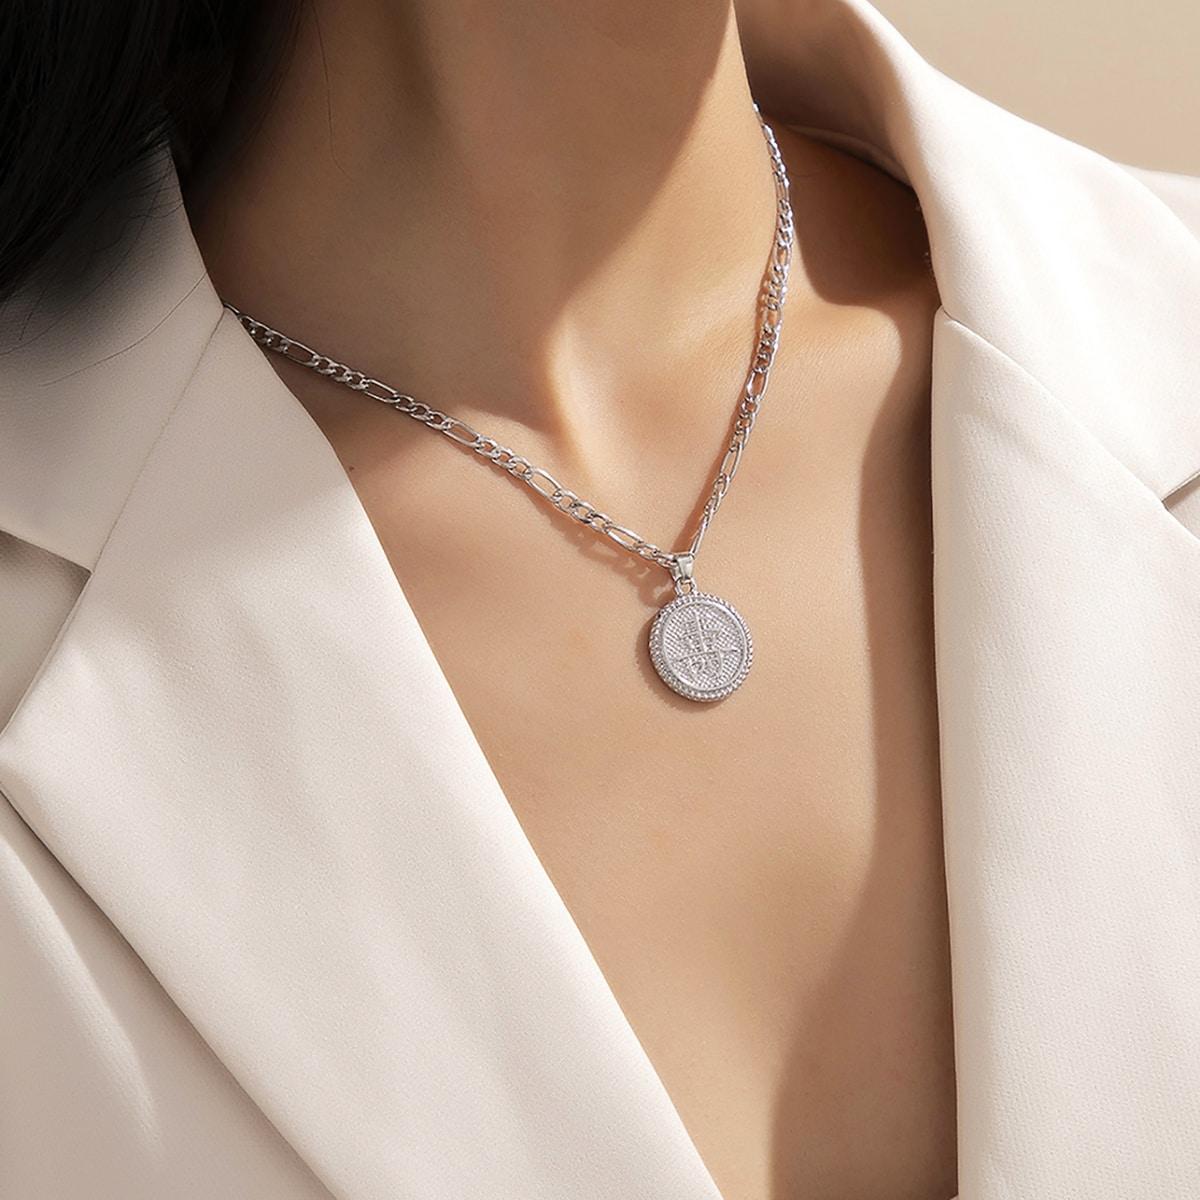 Halskette mit chinesischer Münze Anhänger